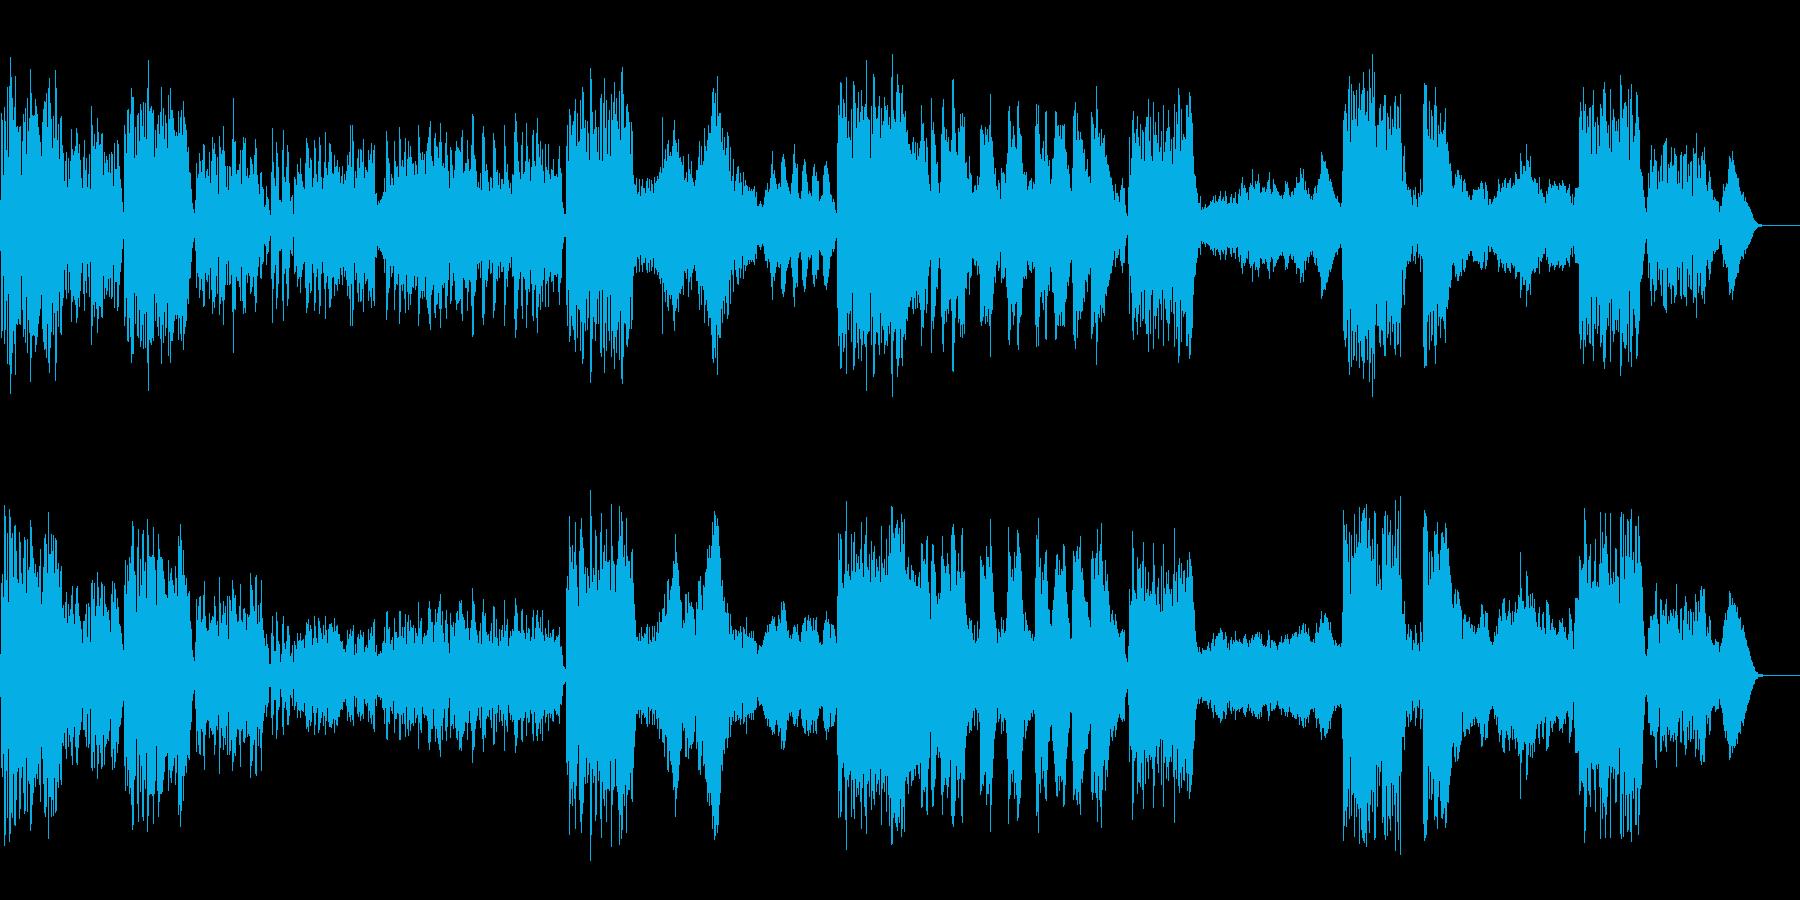 『春』 第1楽章  「四季」よりの再生済みの波形